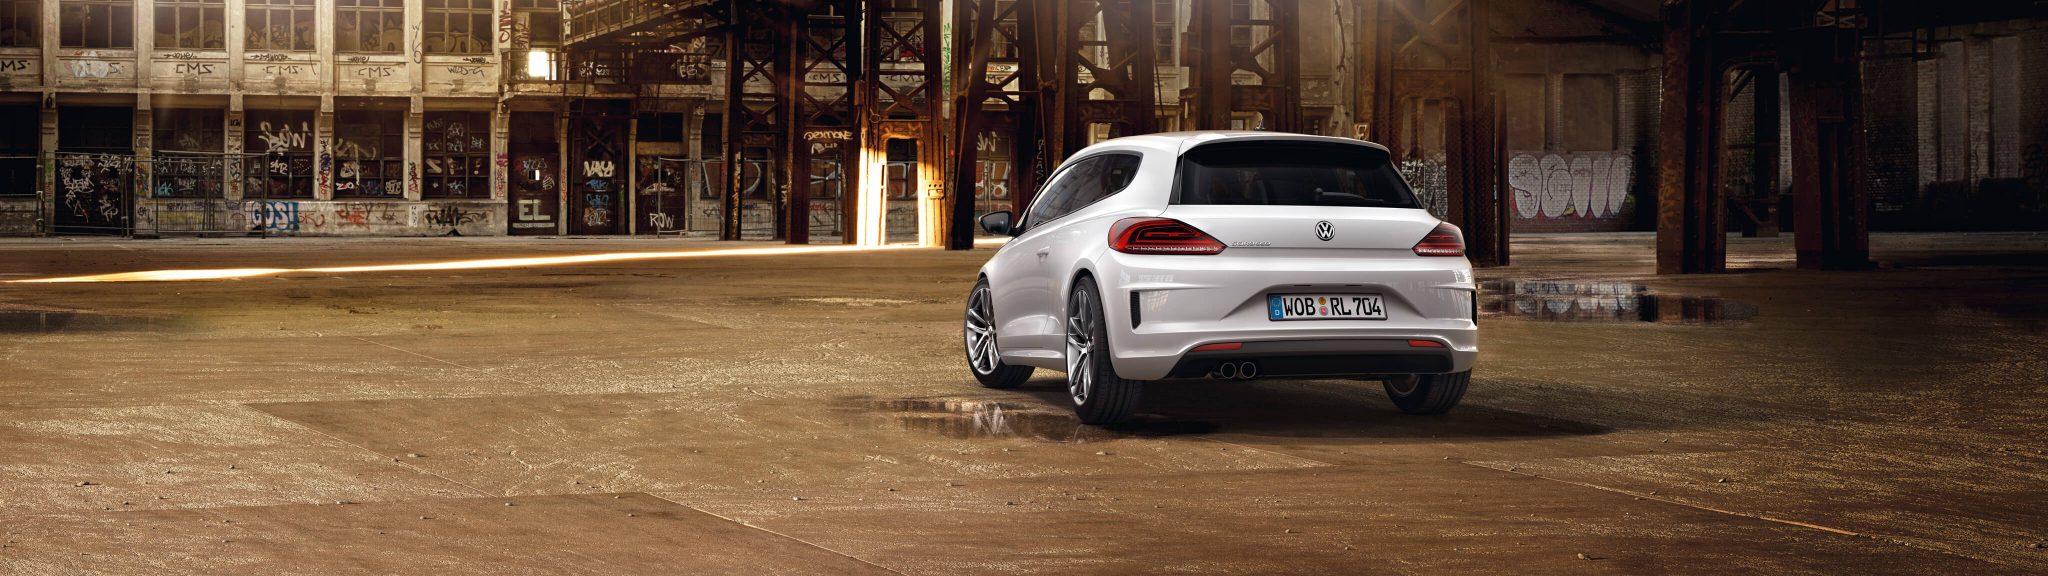 Erfahrungsbericht VW Scirocco Heckansicht Bildquelle: volkswagen.de